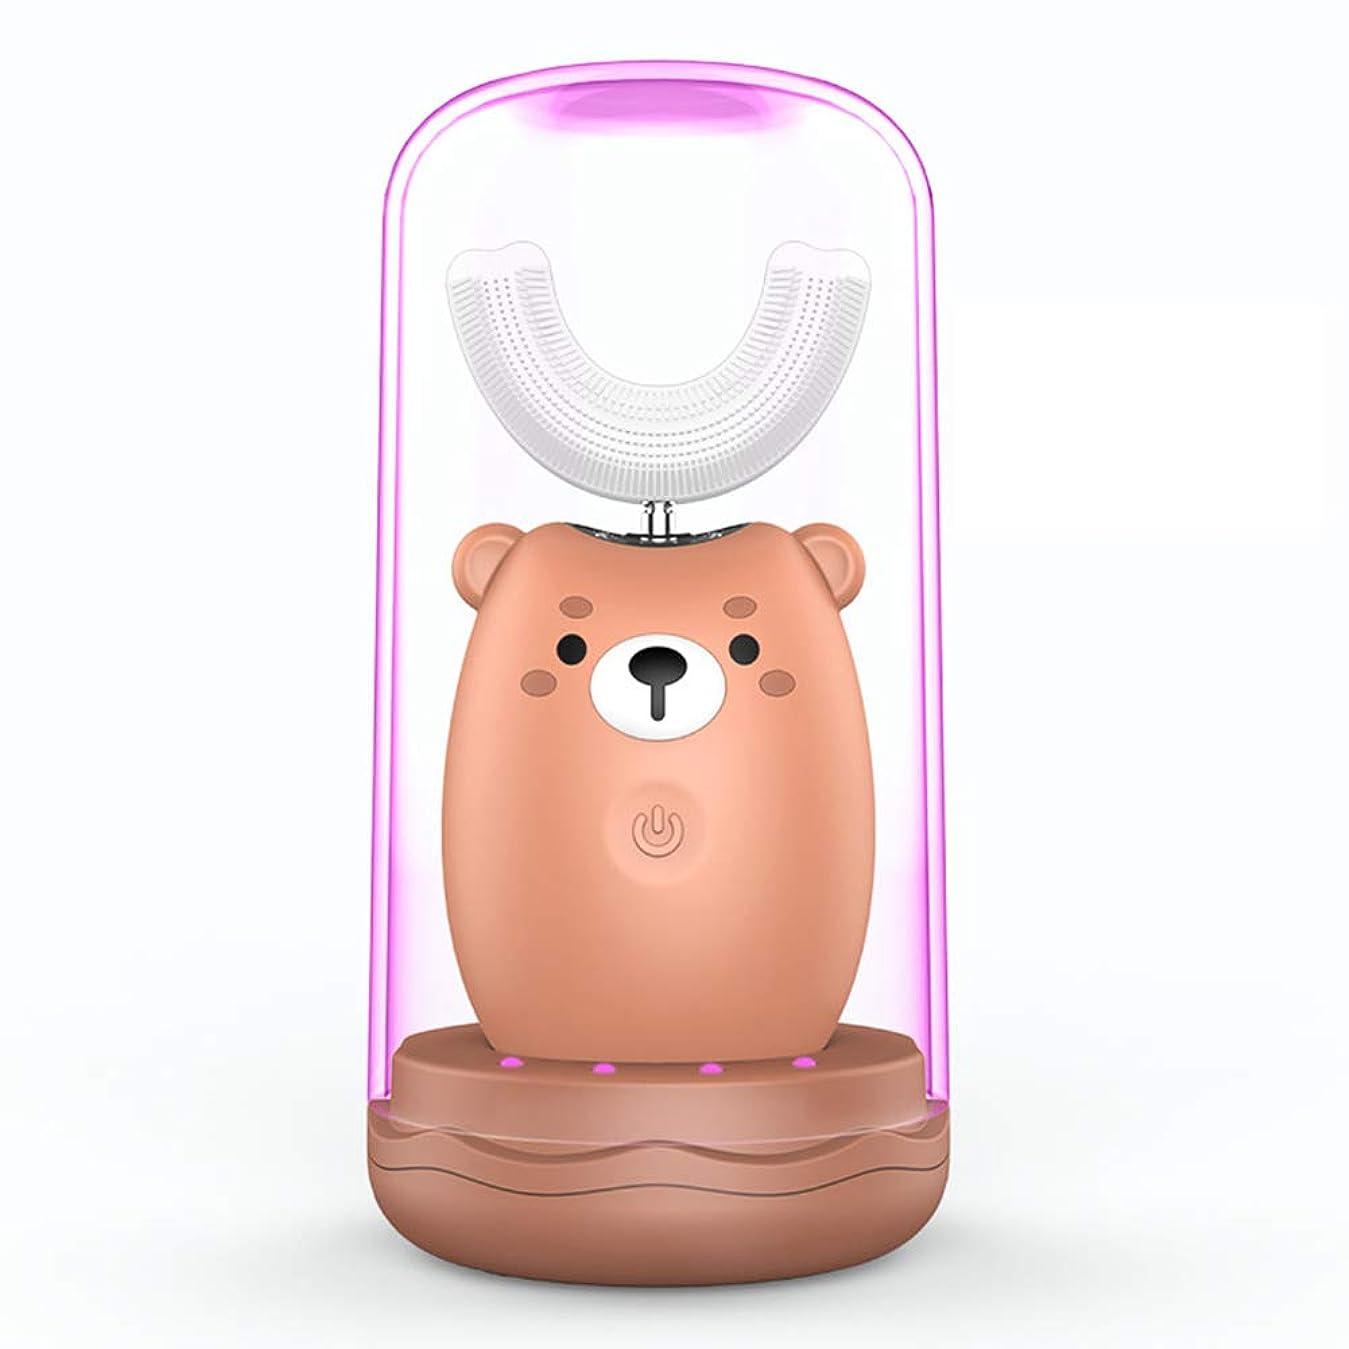 超音波子供電動歯ブラシ3スピード消毒うがいカップホワイトニング自動歯ブラシ特別に設計された子供2-6歳児